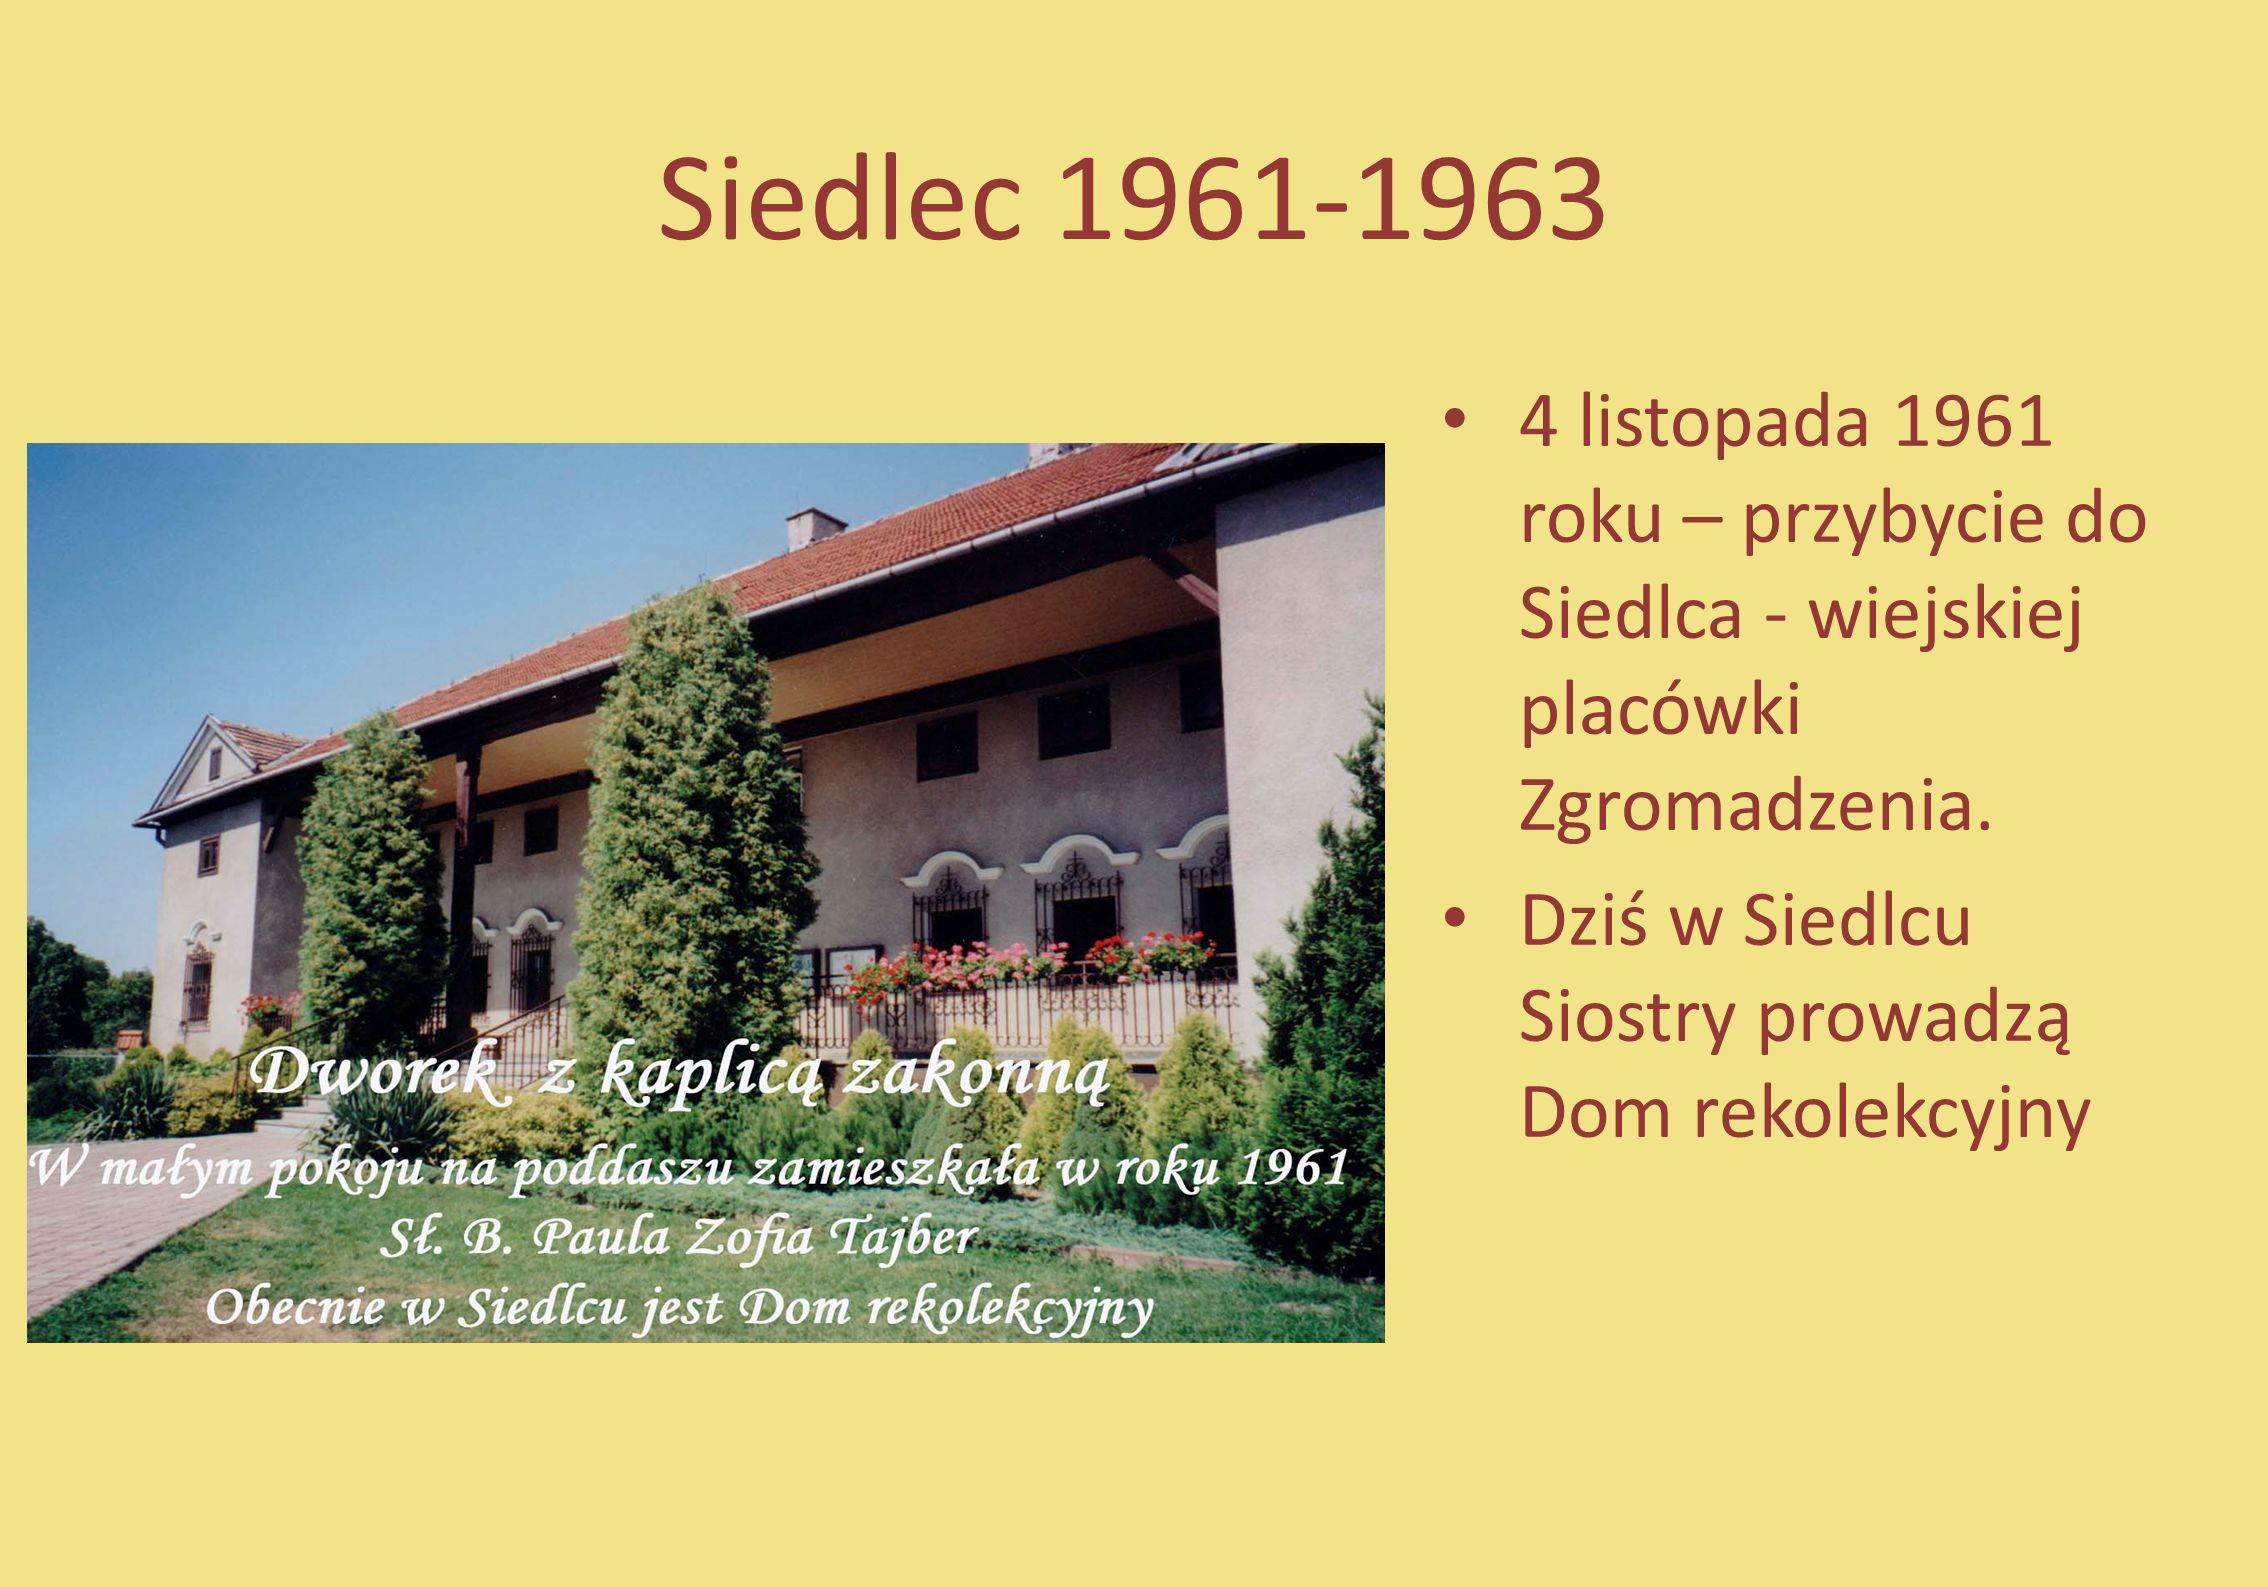 Siedlec 1961-1963 4 listopada 1961 roku – przybycie do Siedlca - wiejskiej placówki Zgromadzenia. Dziś w Siedlcu Siostry prowadzą Dom rekolekcyjny